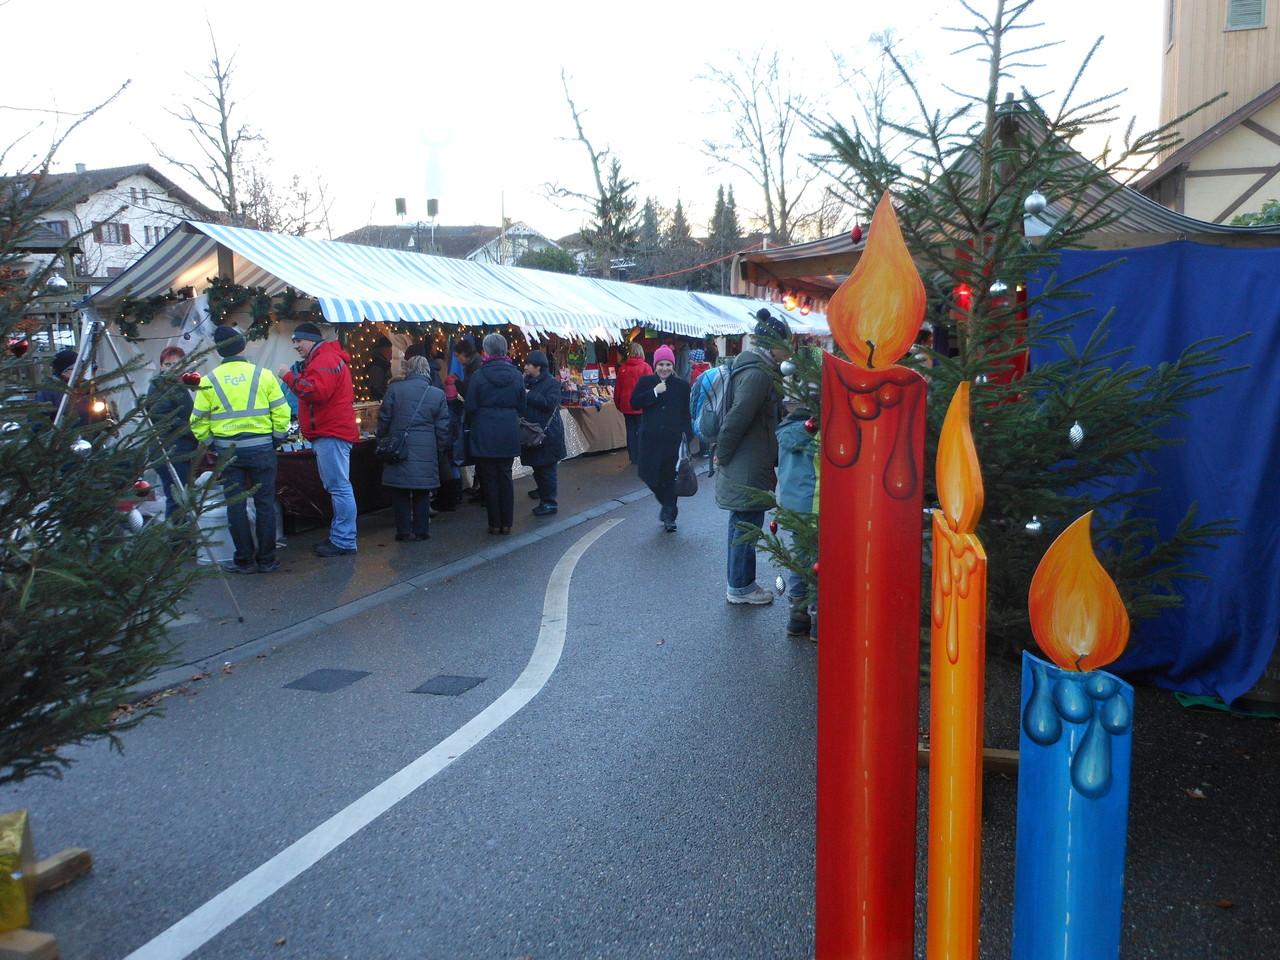 Der Weihnachtsmarkt in Hochdorf ist klein, aber fein: Viel Handwerk ist hier zu sehen.